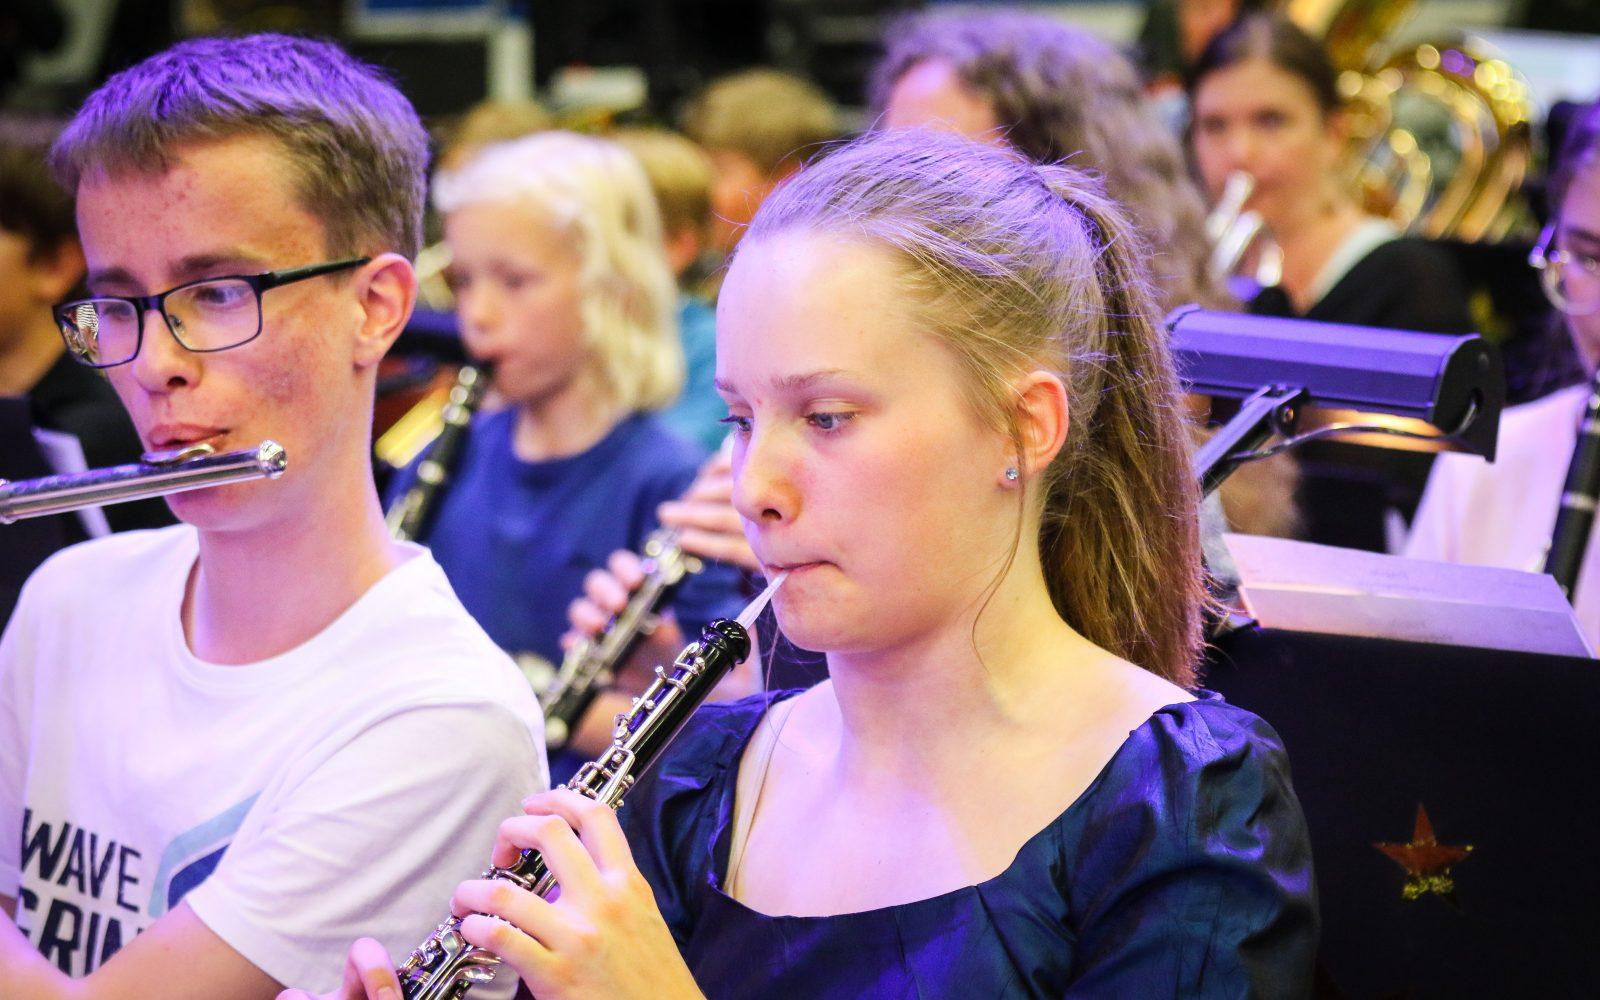 Samverkan mellan kommunala musik- och kulturskolor i Örebro län